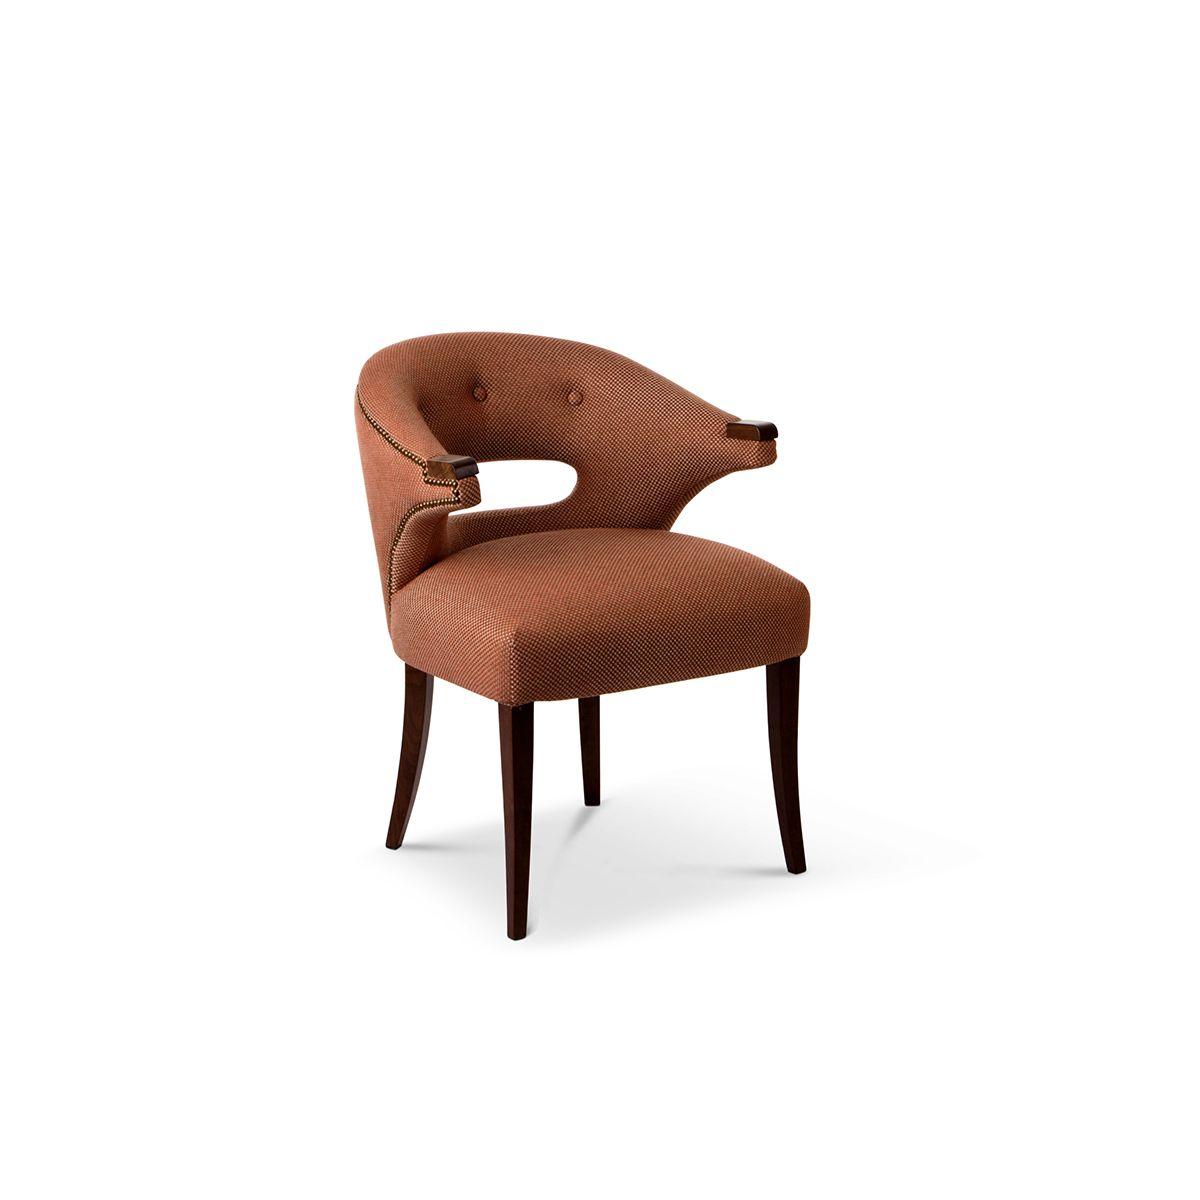 nanook_dinning_chair_buy_brabbu_insplosion